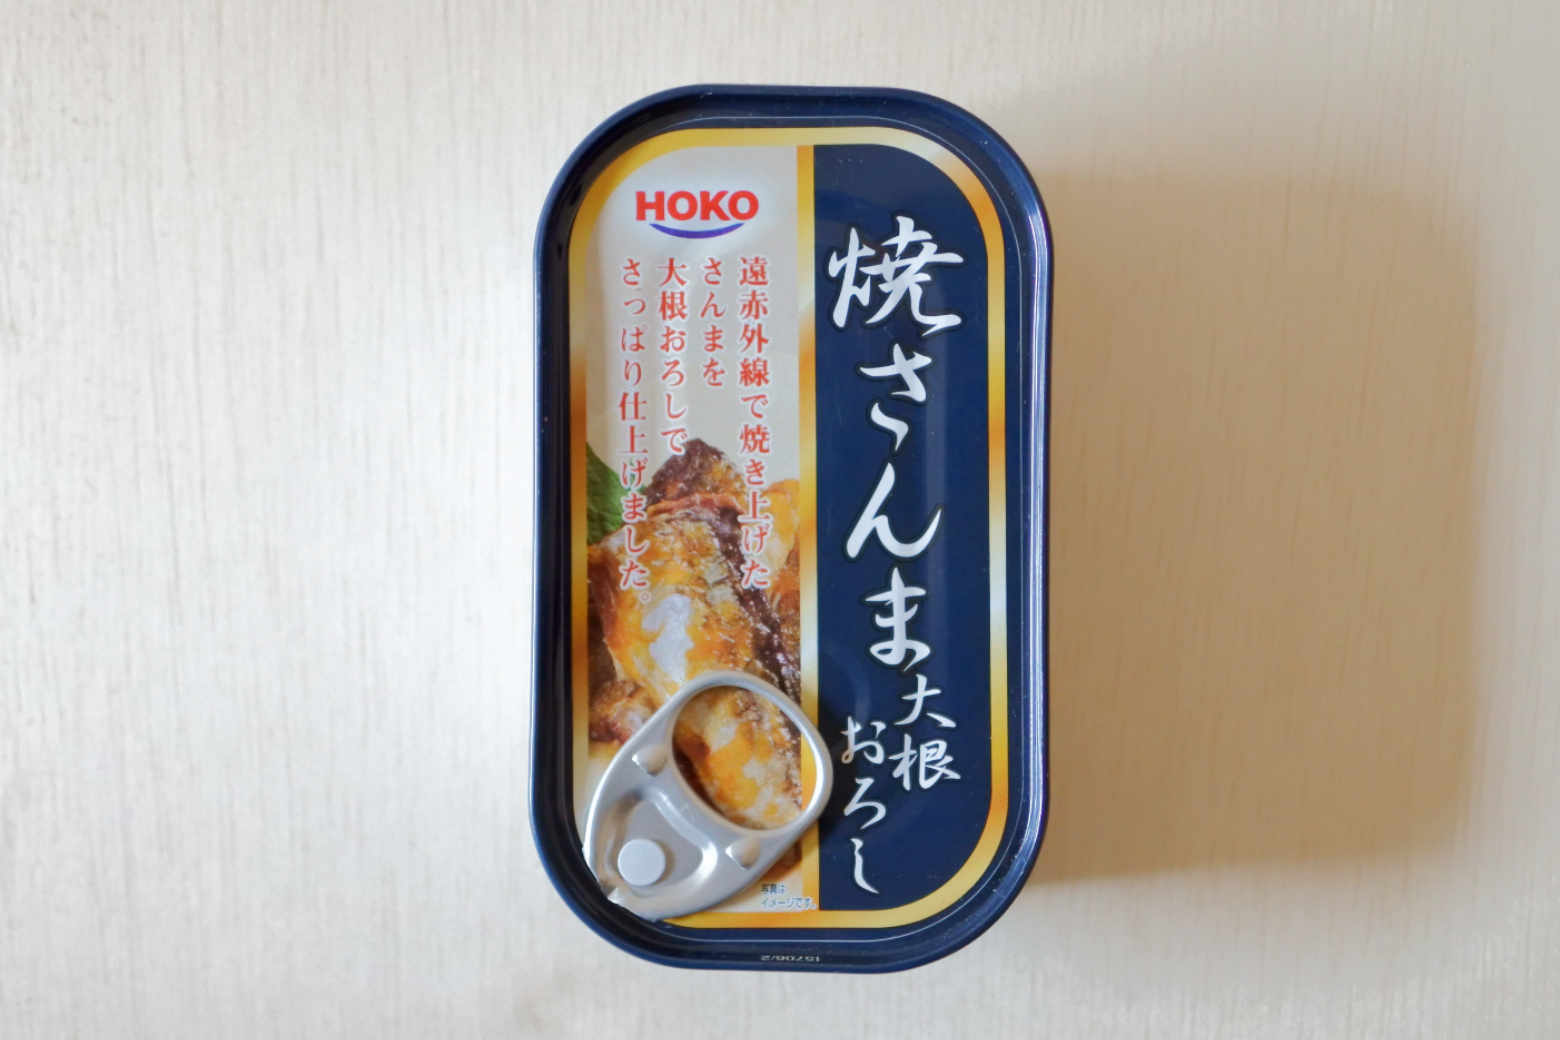 HOKOの焼きさんま大根おろしで「大根おろし」を思い出しました【缶詰】